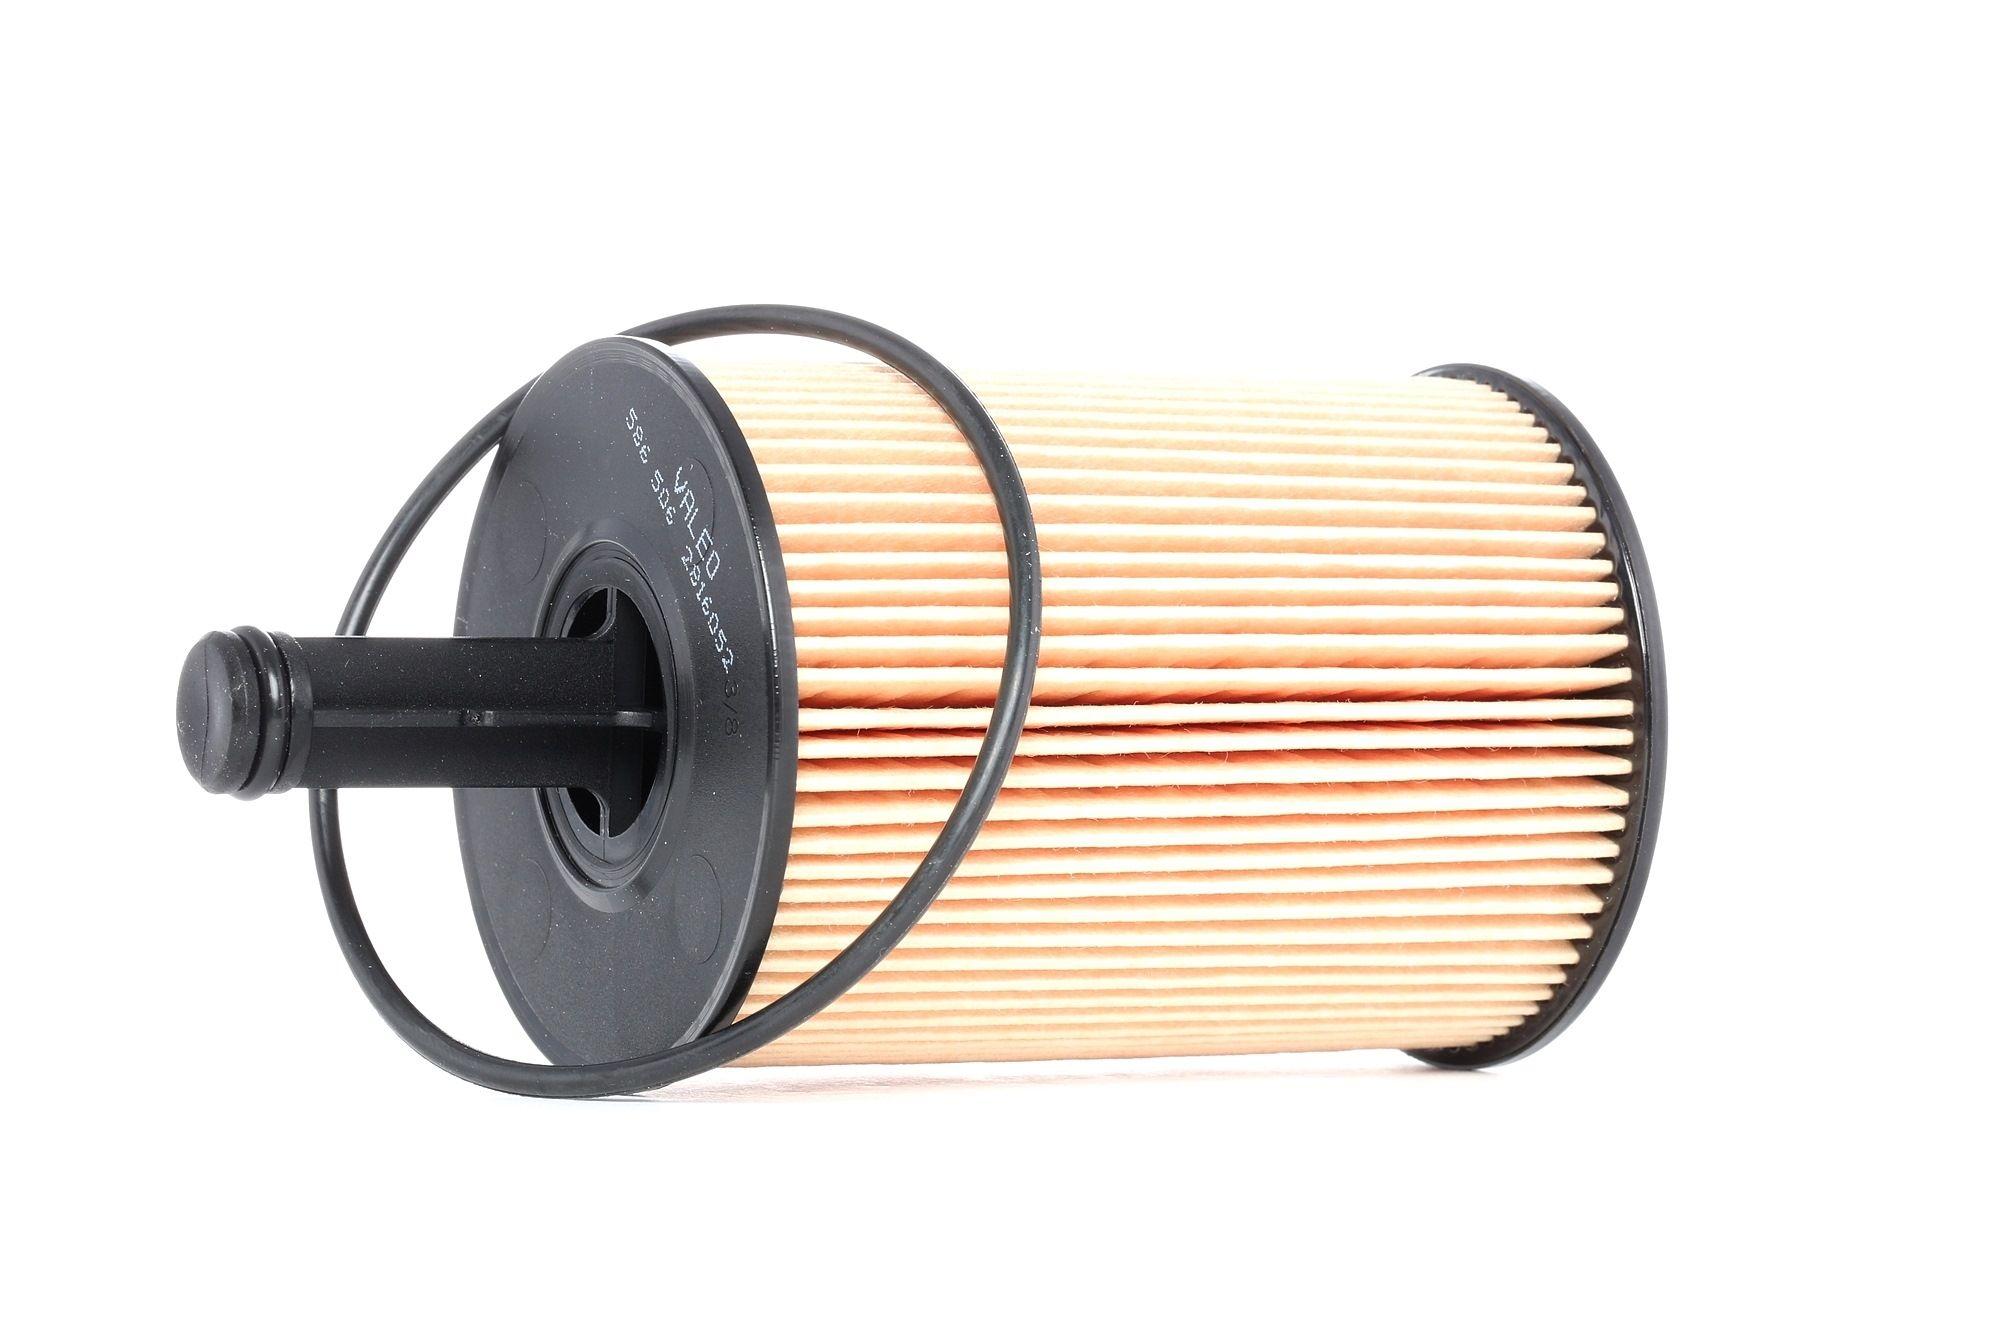 586506 VALEO mit Dichtung, Filtereinsatz Innendurchmesser 2: 15mm, Innendurchmesser 2: 48mm, Ø: 71mm, Höhe: 141mm Ölfilter 586506 günstig kaufen